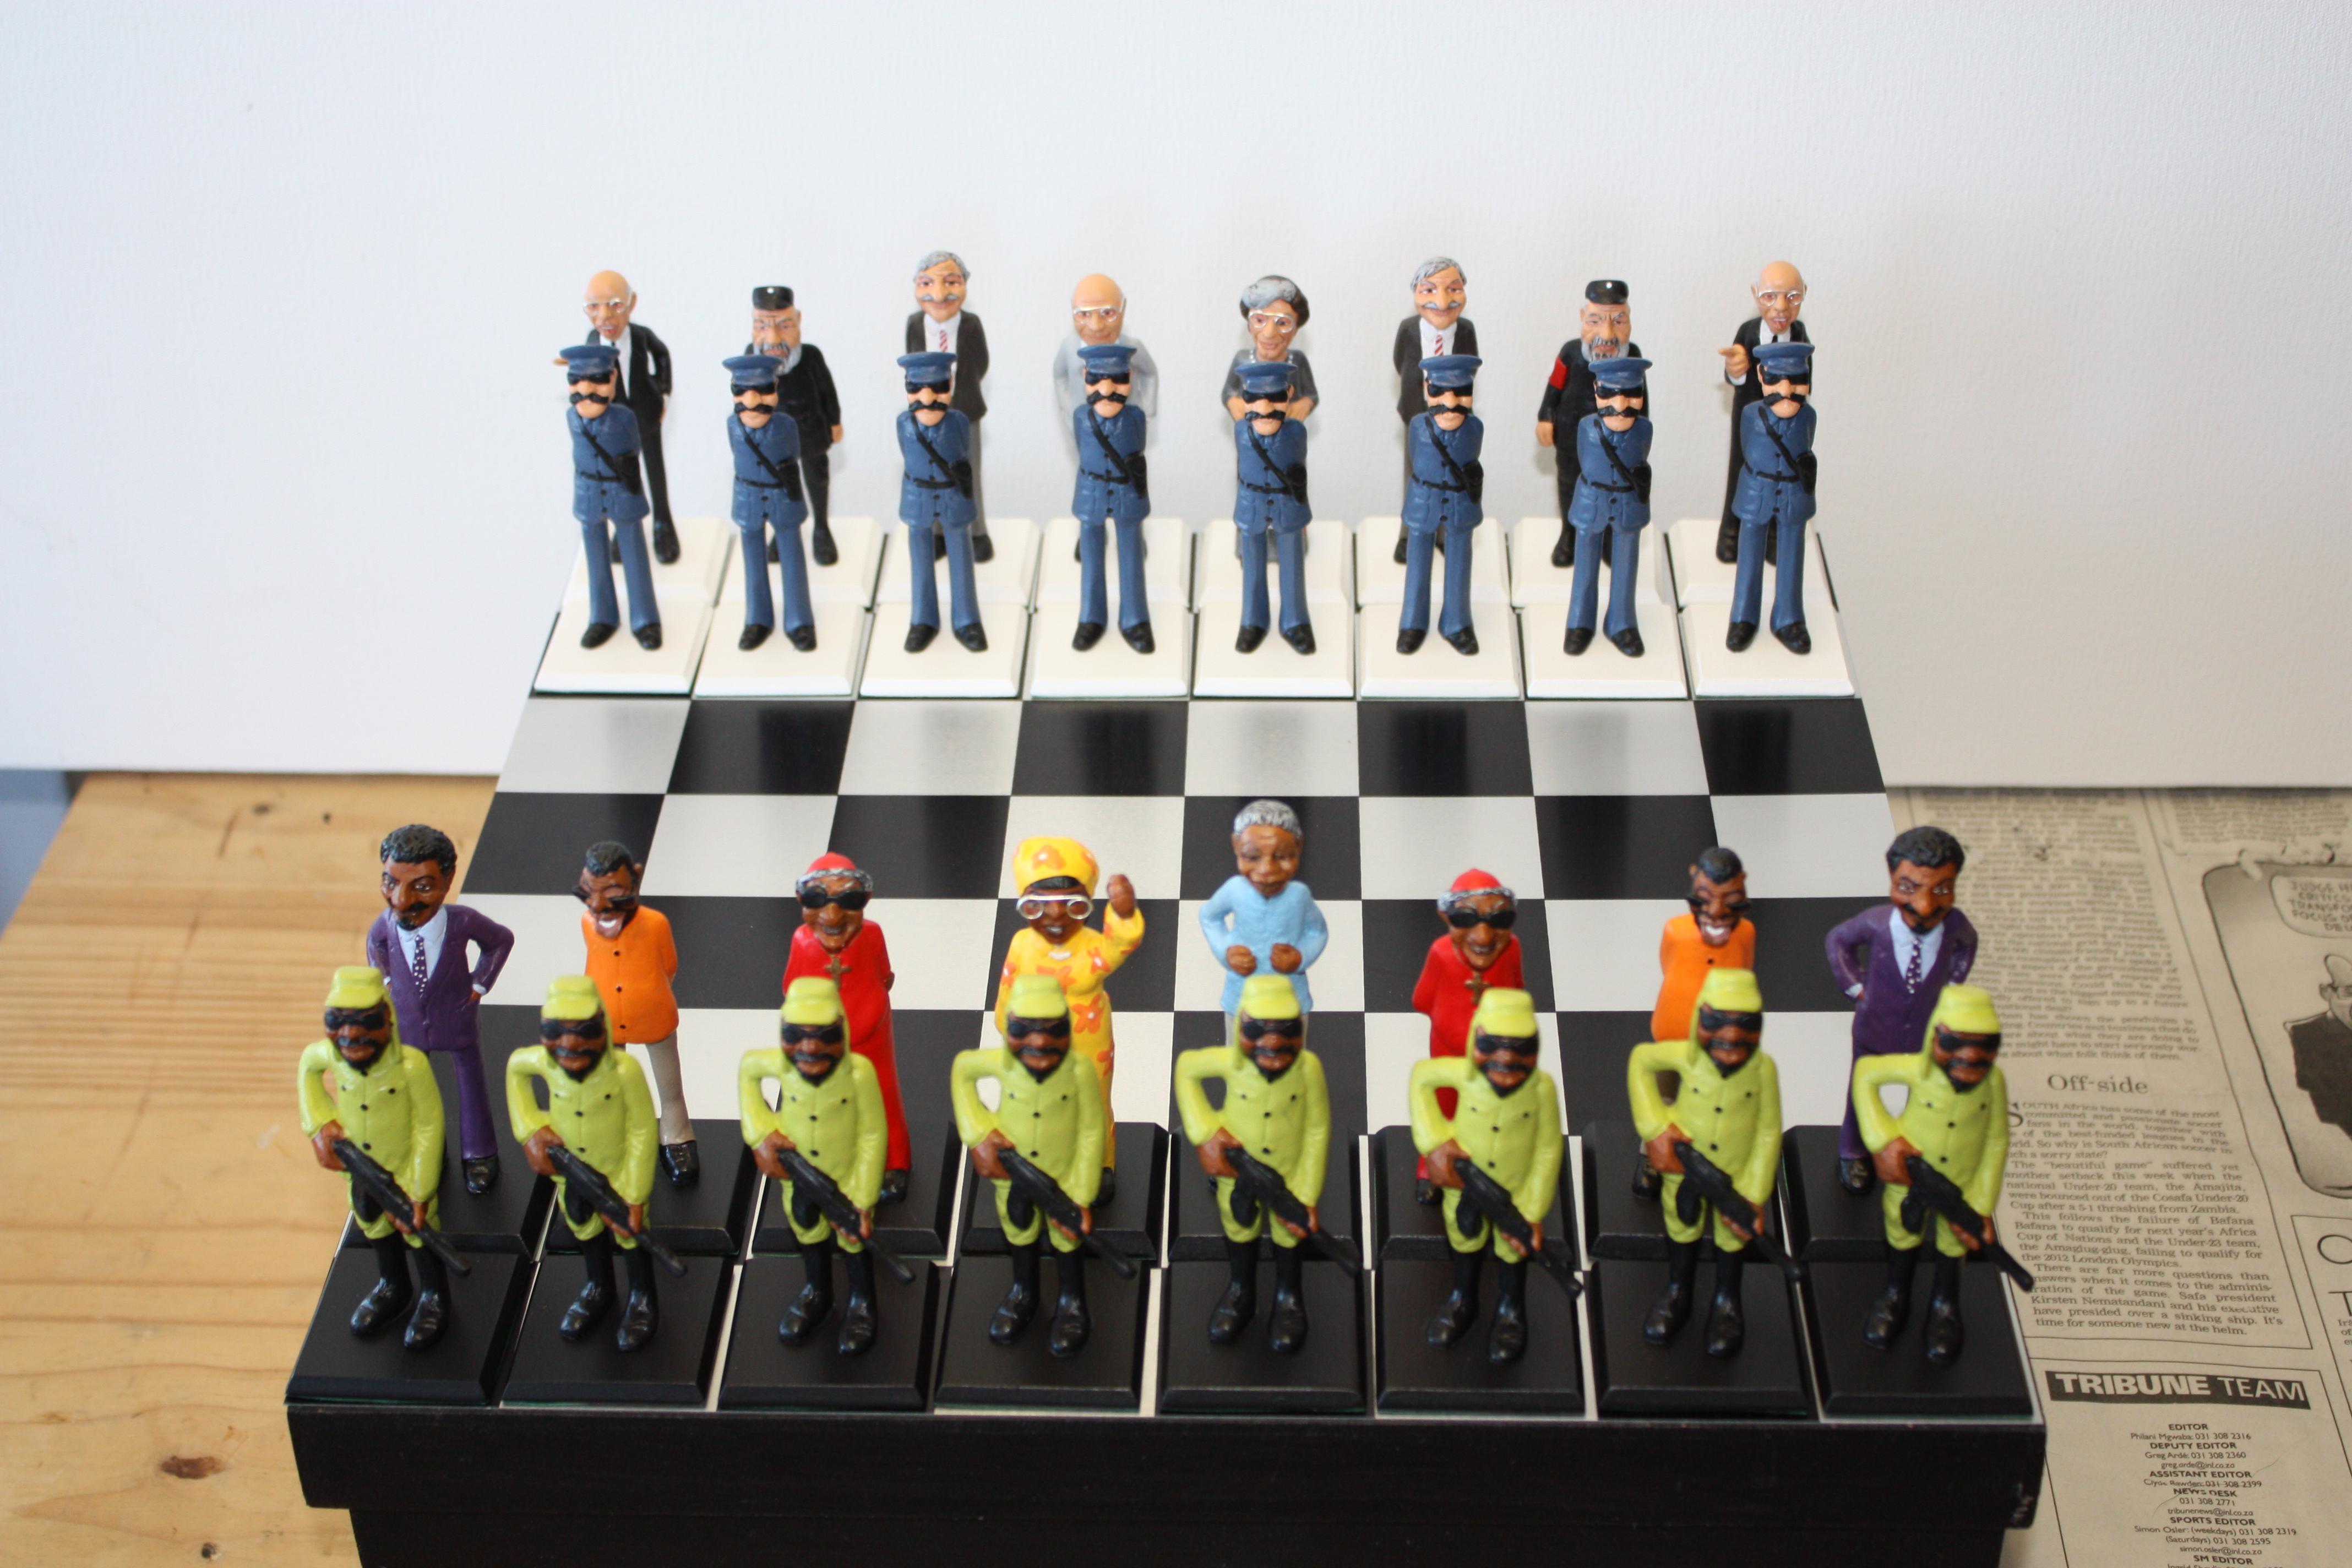 5. Old vs New SA Chess set Limited Ed